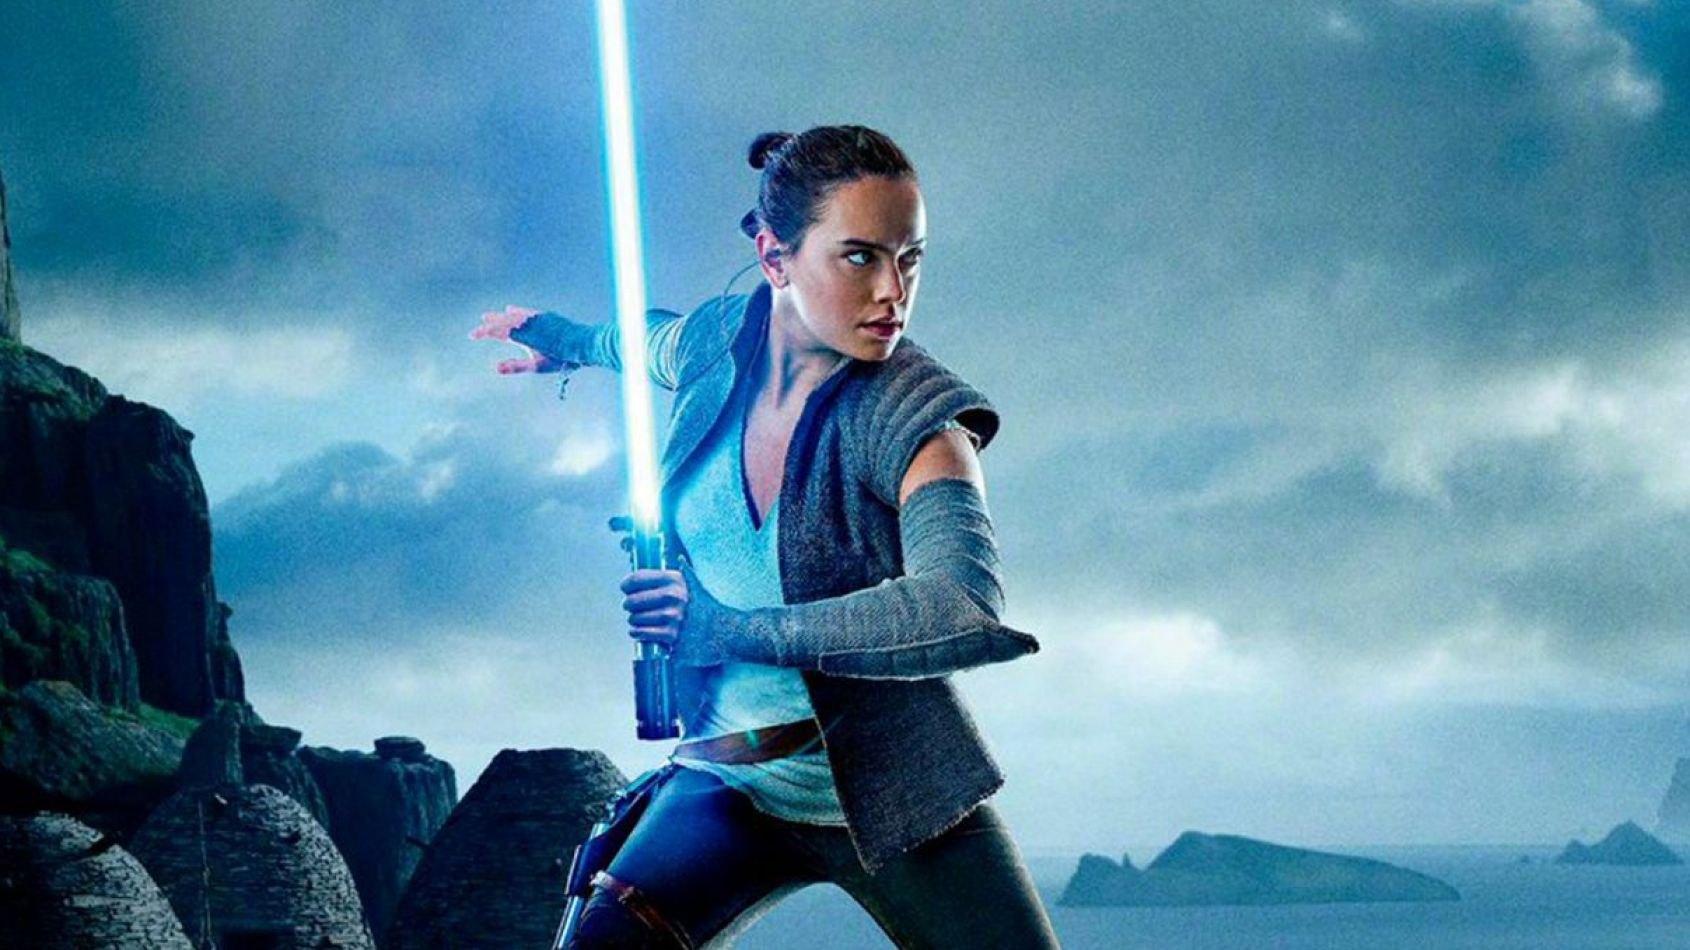 Deux nouveaux posters asiatiques pour Rey et Kylo Ren